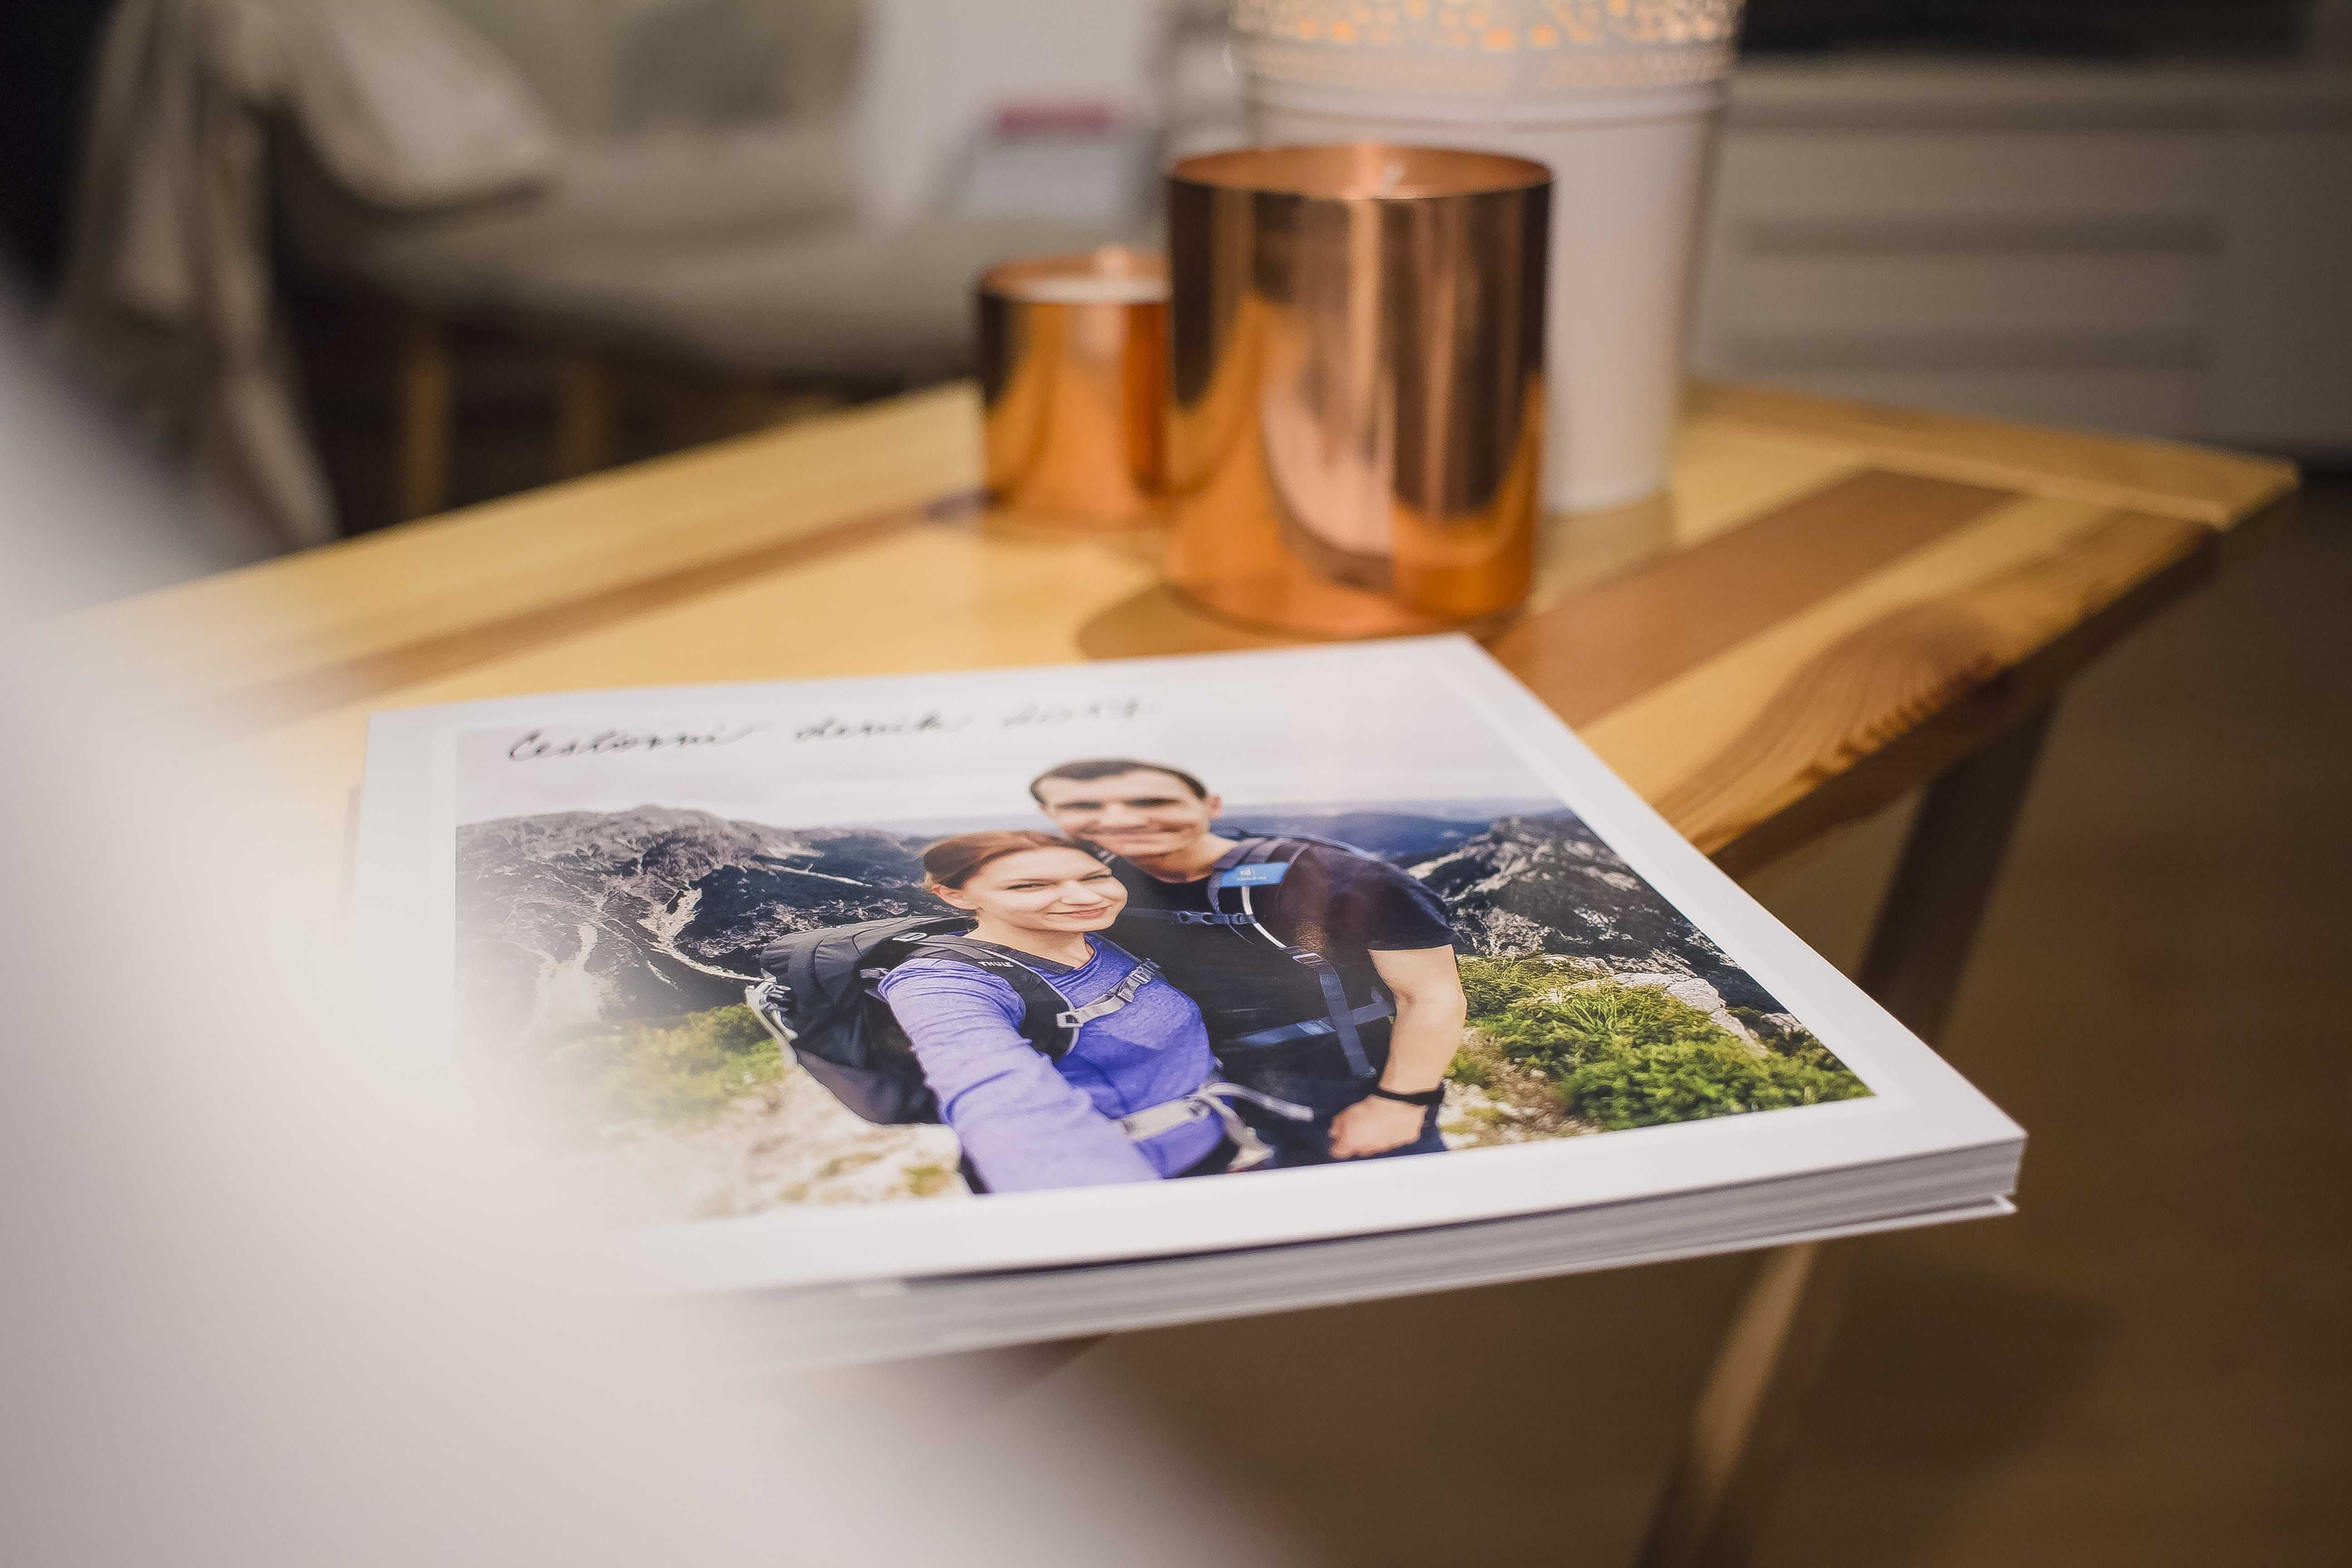 Moje fotoalbum - jak ukládám fotky z našich výletů